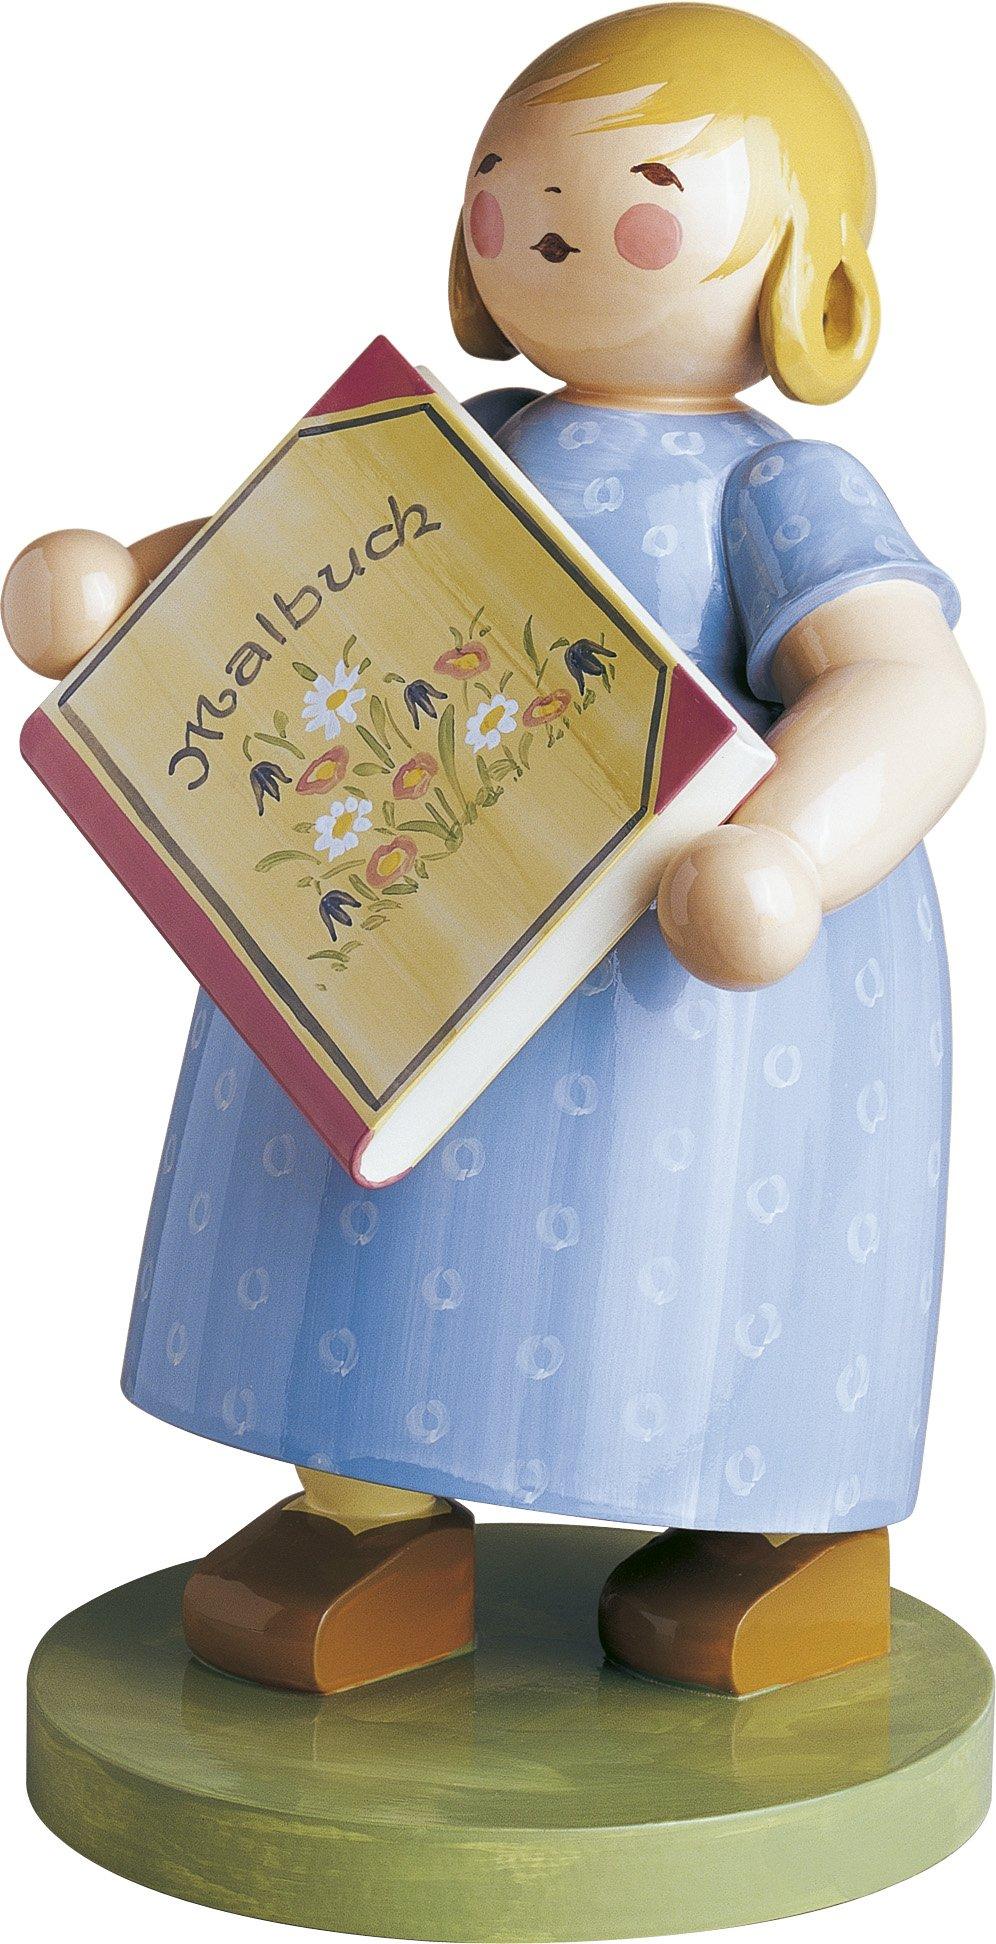 5417 Mädchen mit Malbuch von Wendt und Kühn